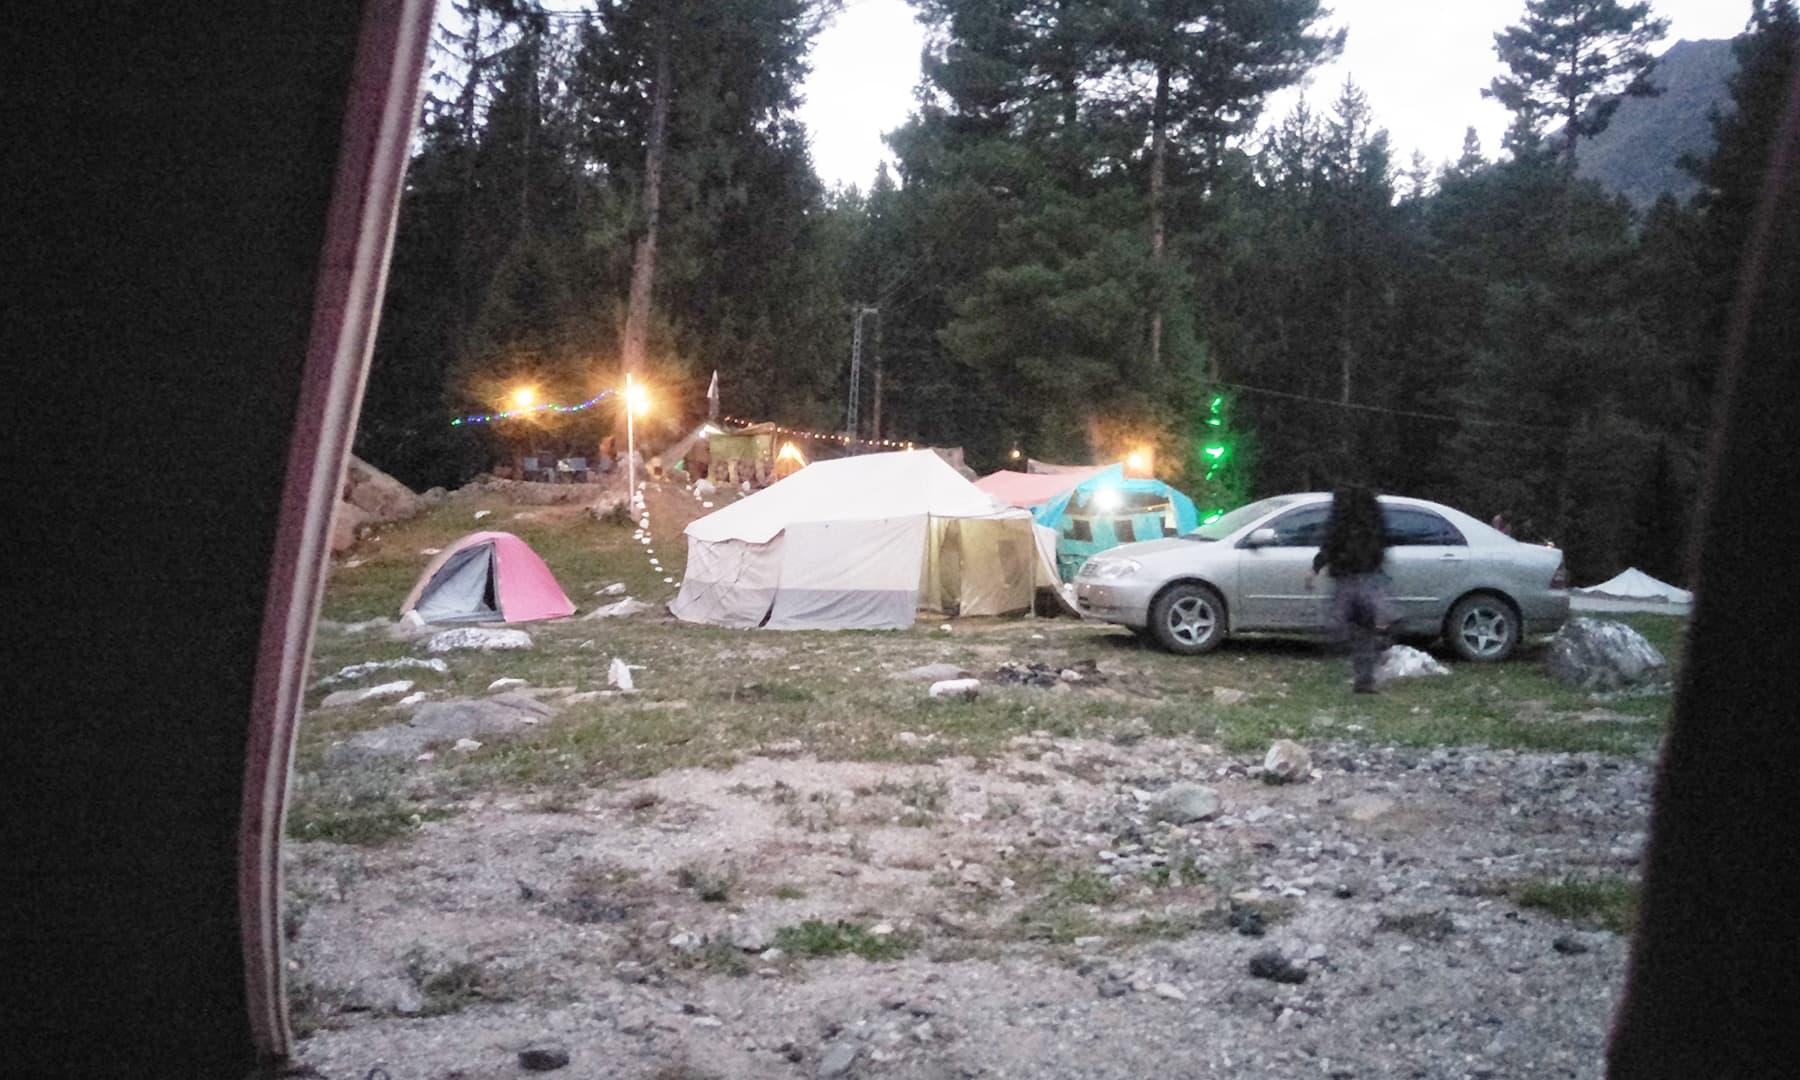 صبح سویرے جب خیمے سے باہر جھانکا تو یہ سامنے یہ منظر تھا—تصویر عظمت اکبر